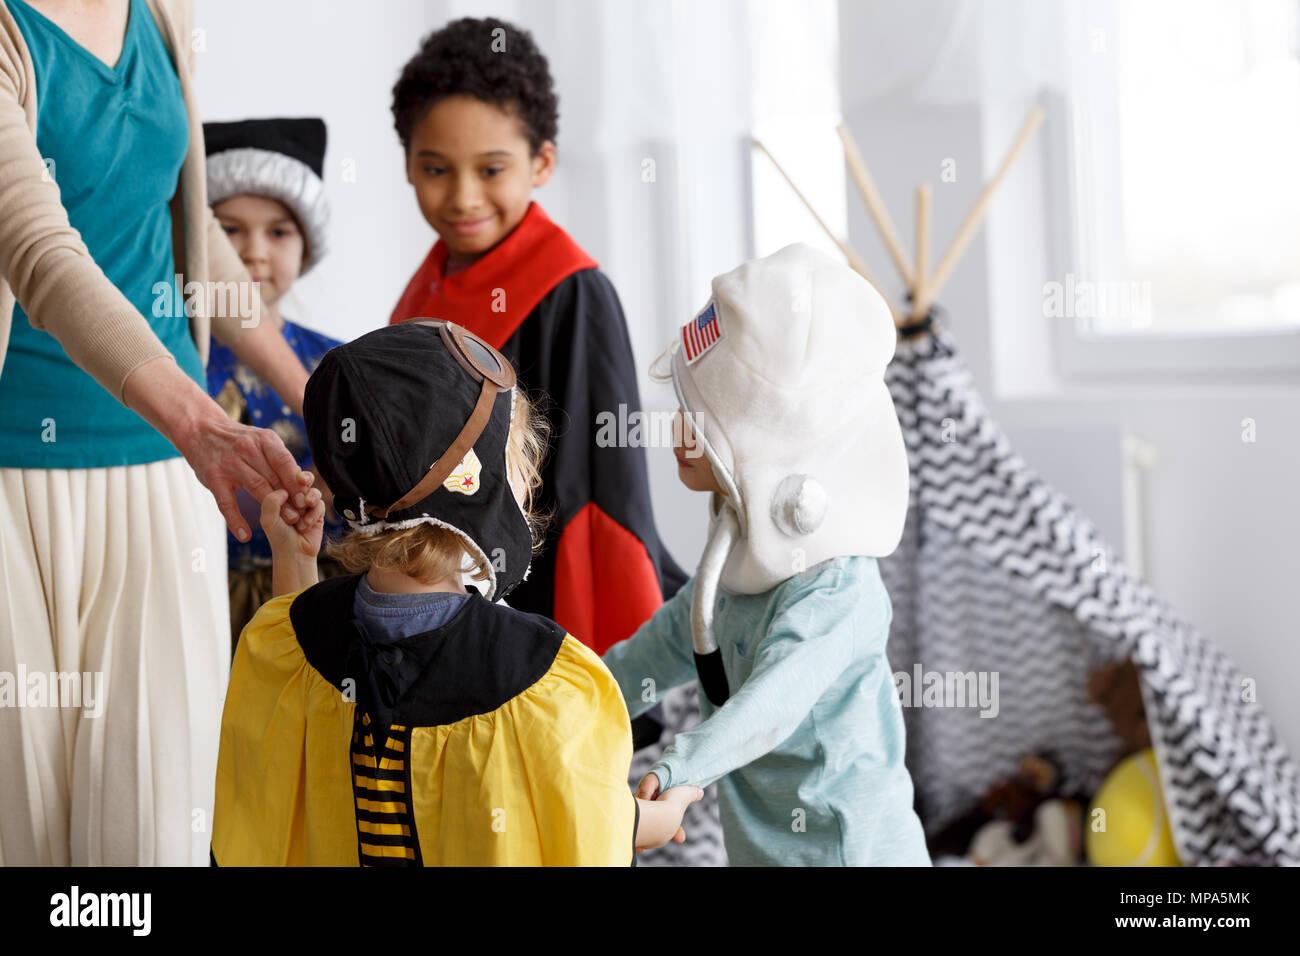 Groupe d'enfants en costumes de danser dans un cercle Photo Stock